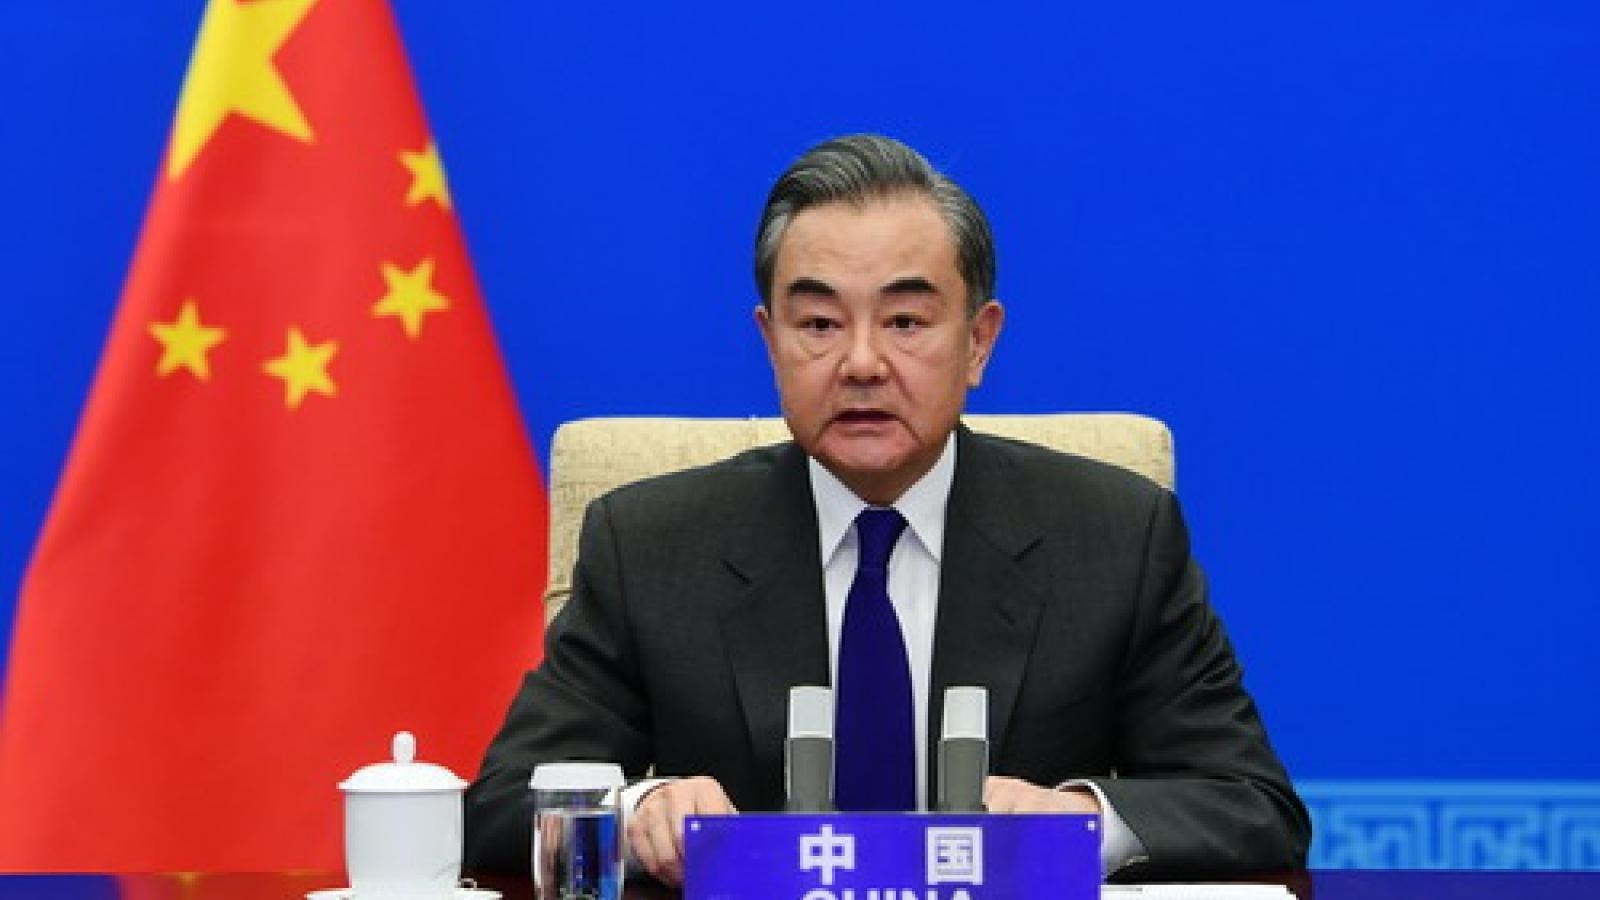 Ngoại trưởng Trung Quốc đưa ra 4 kiến nghị cải thiện quan hệ Trung-Mỹ